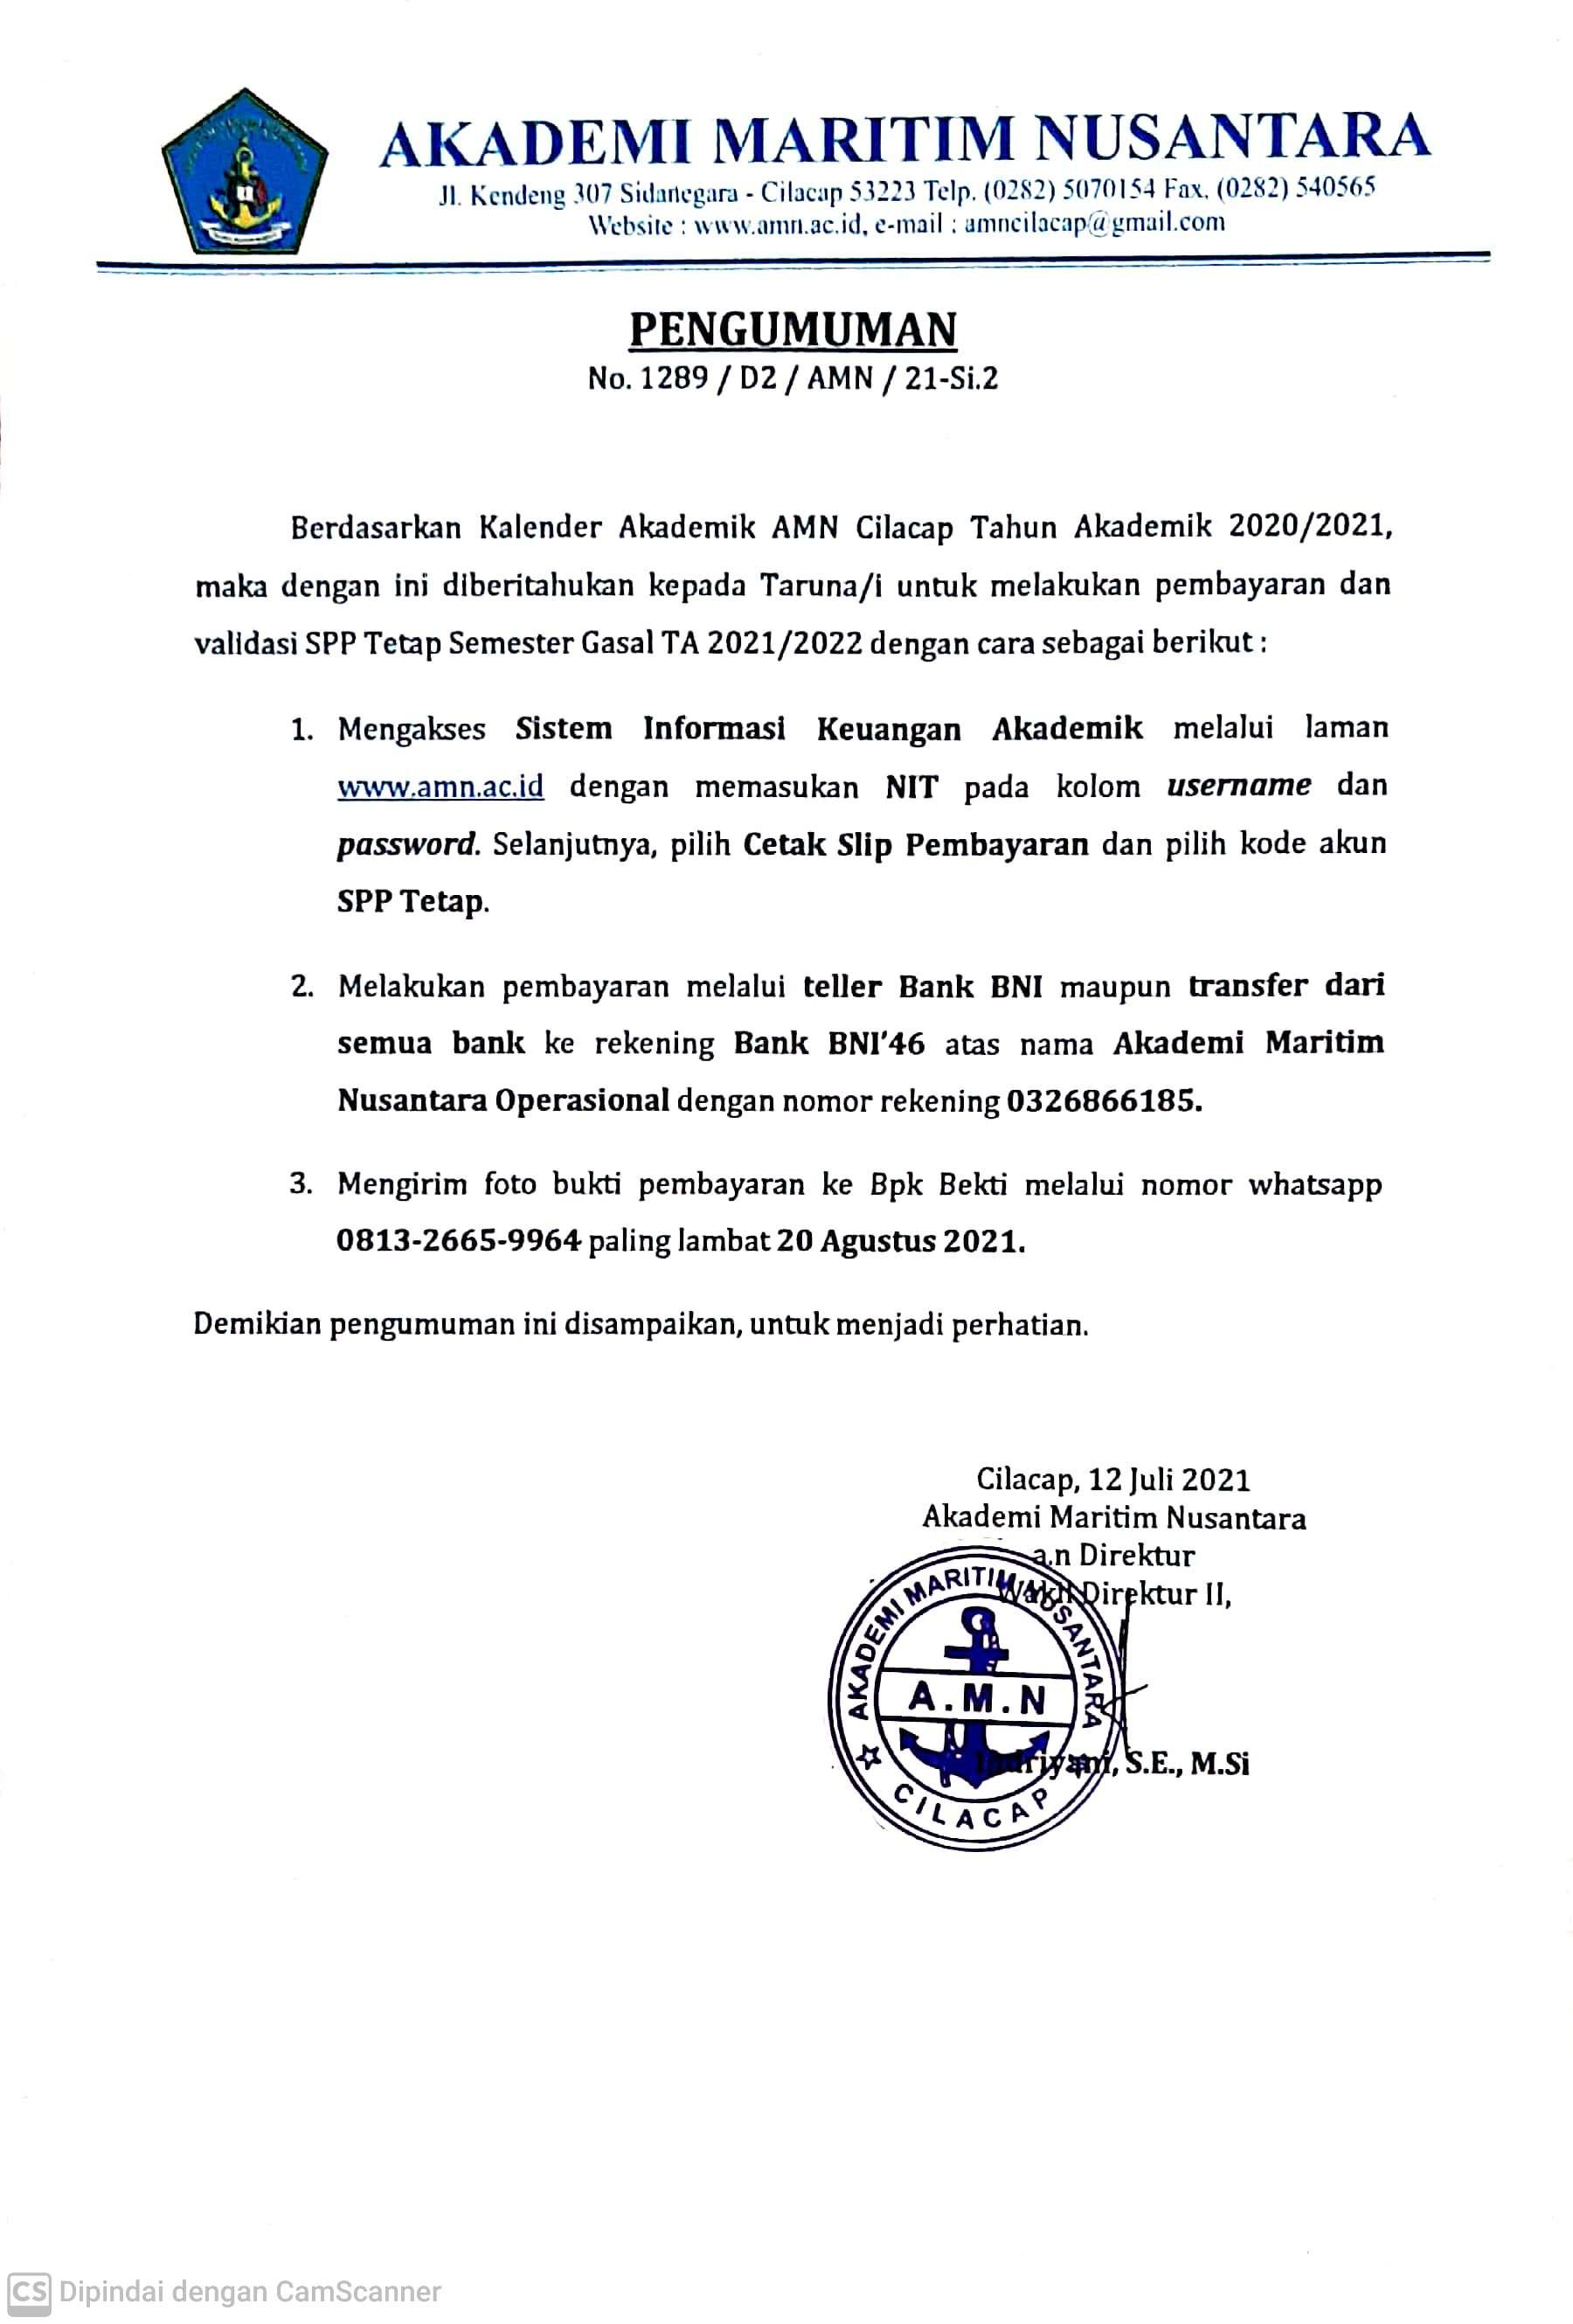 Pengumuman Pembayaran dan Validasi SPP Tetap Semester Gasal TA 2021/2022